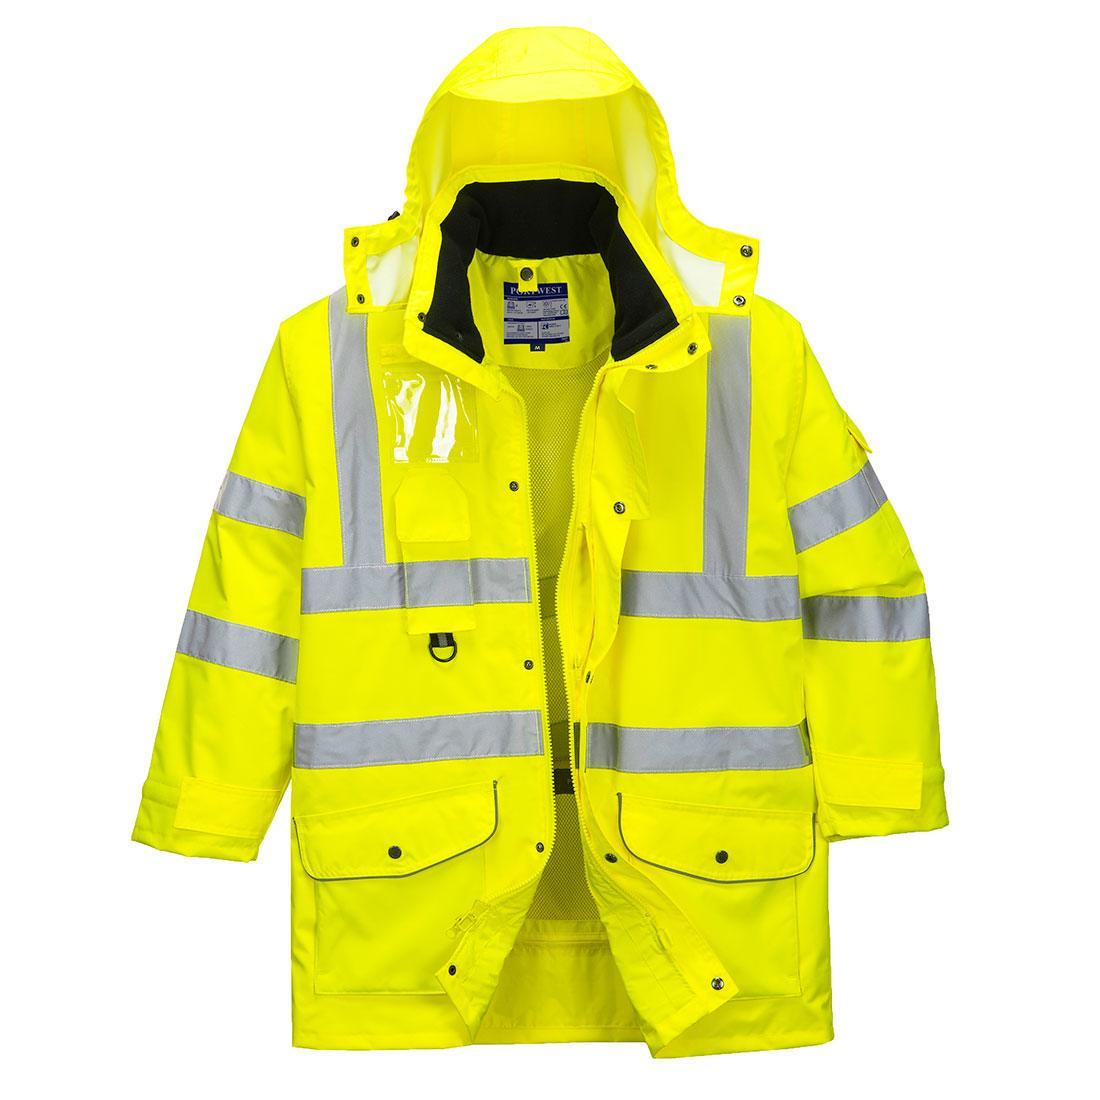 S427 - Jól láthatósági 7 az 1-ben kabát - sárga  81e4e70379